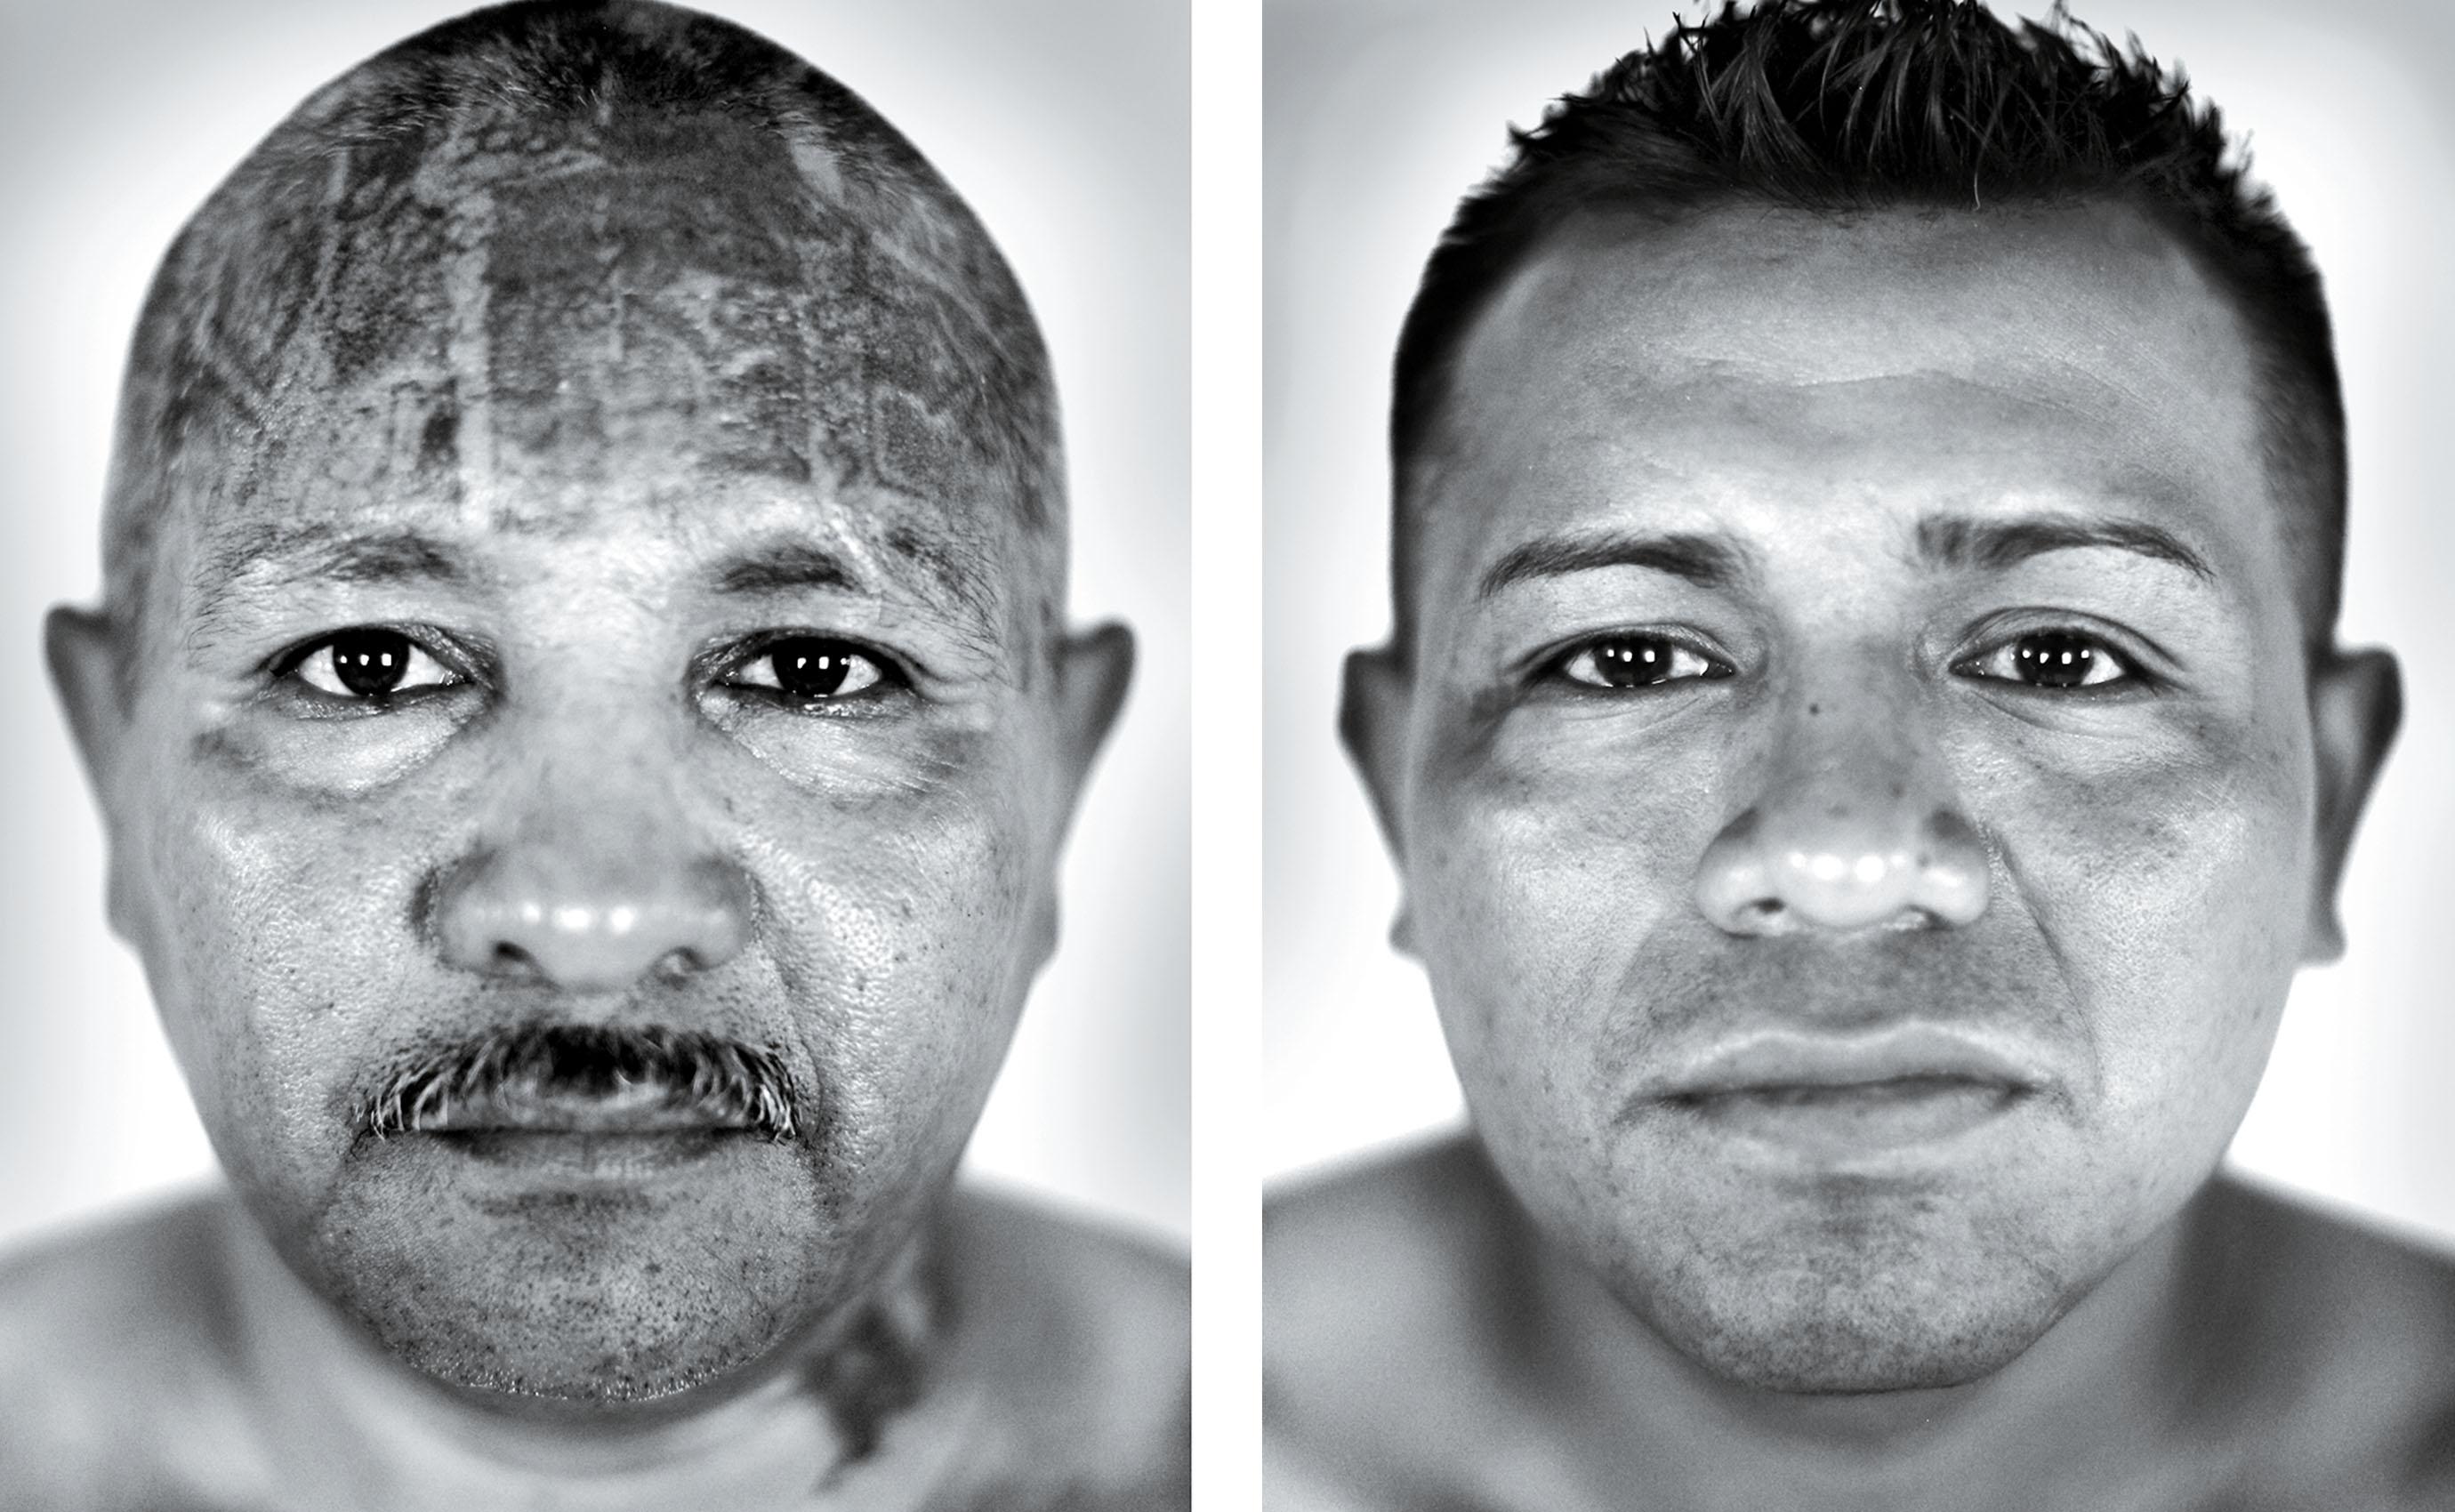 Amilcar Vladimir (izquierda) y Jorge Alberto (derecha) son miembros de bandas en conflicto en El Salvador.